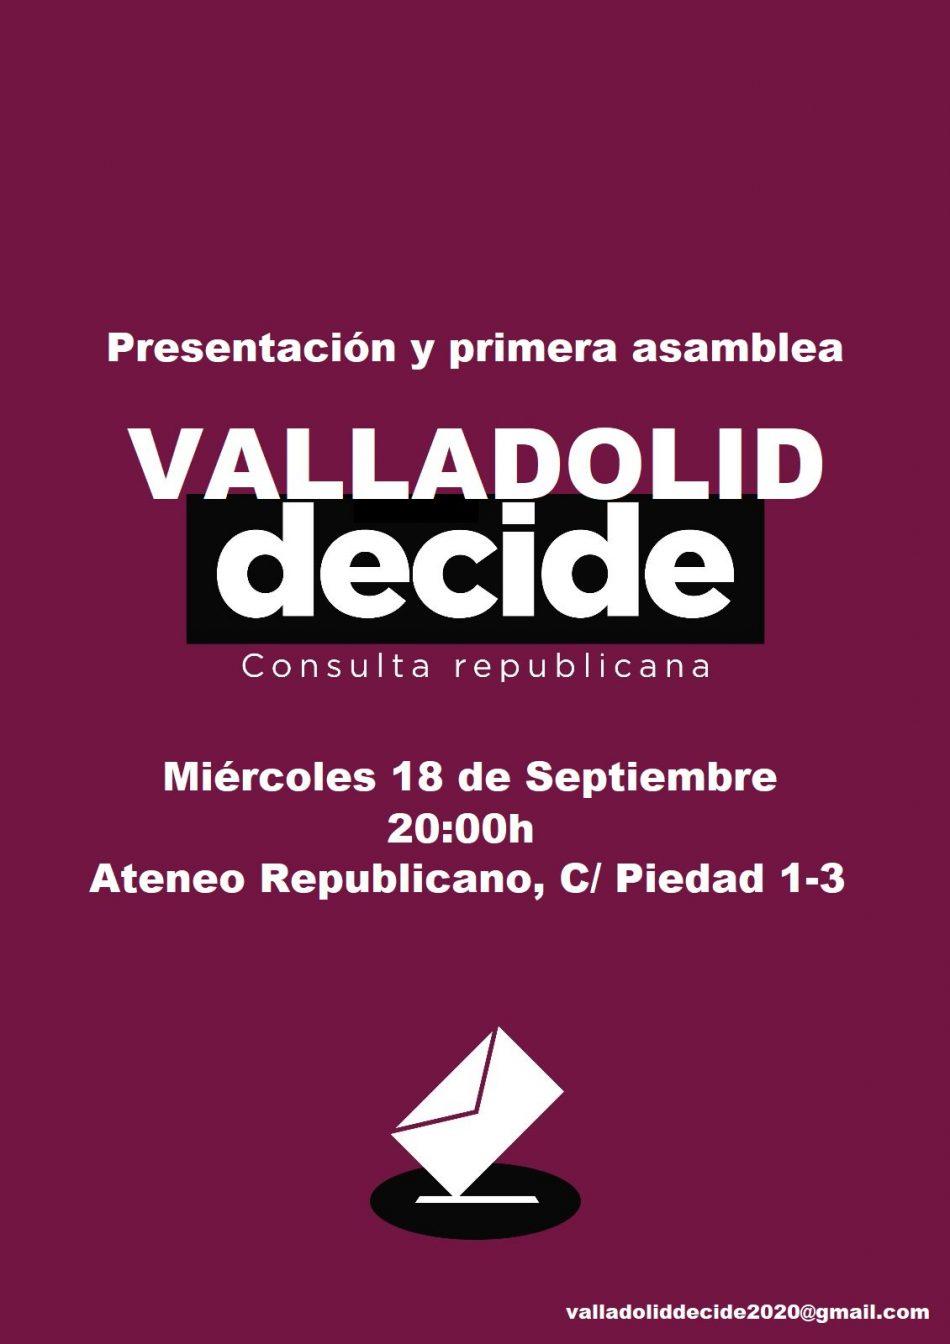 La plataforma Valladolid Decide convoca su primera reunión para impulsar una consulta republicana